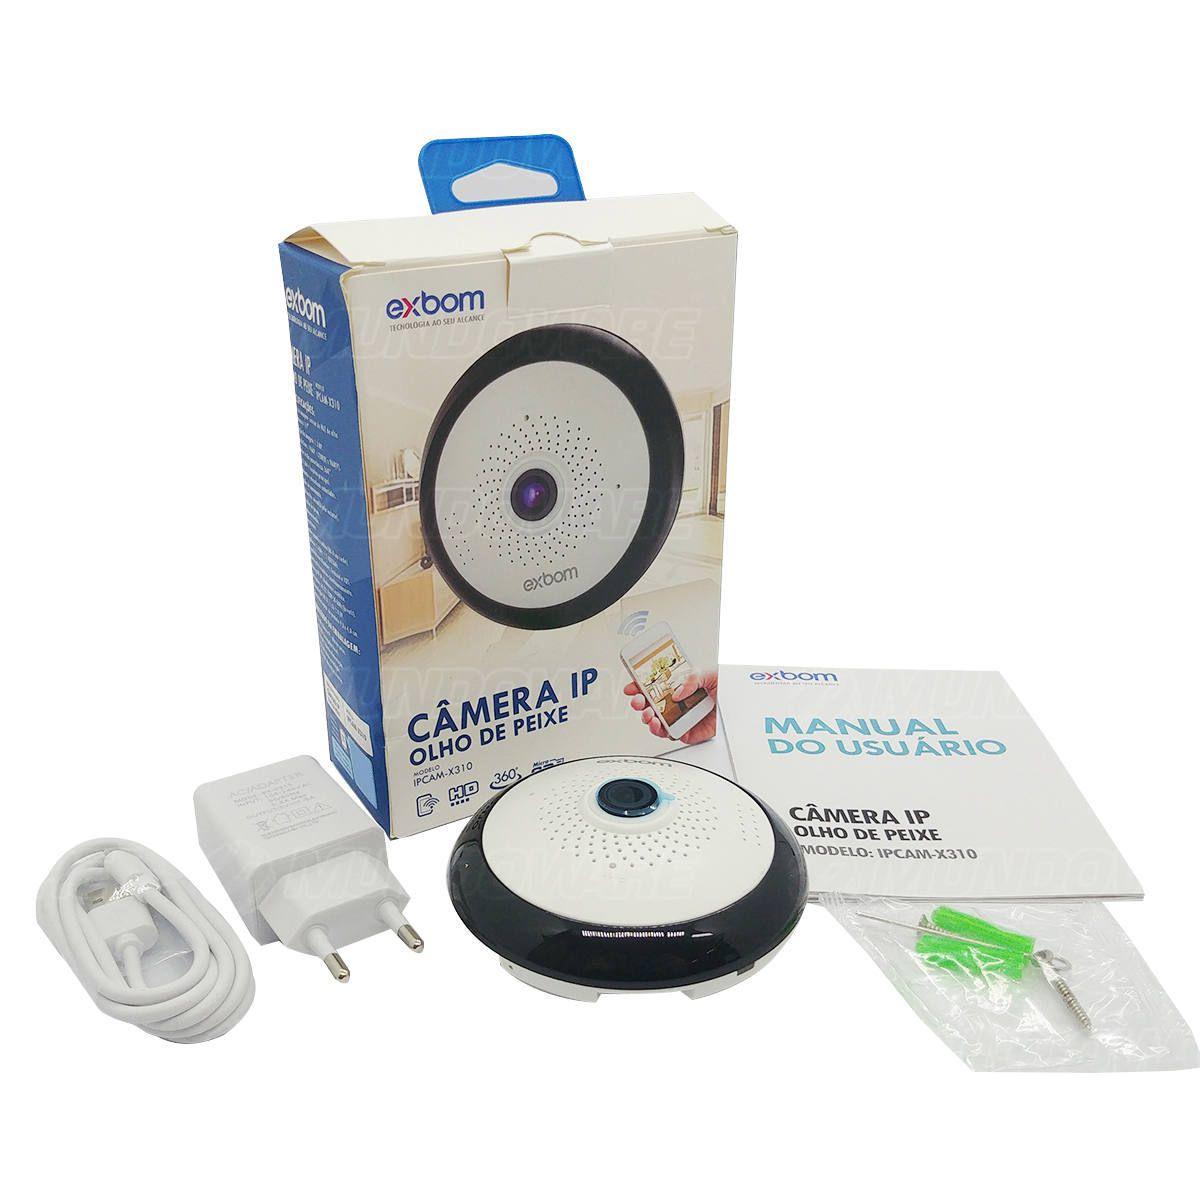 Câmera Olho de Peixe IP 360º HD 1.3MP 1280x960 Lente Fish Eye Visão Noturna Alto-falante e Mic SD Card Exbom IPCAM-X310